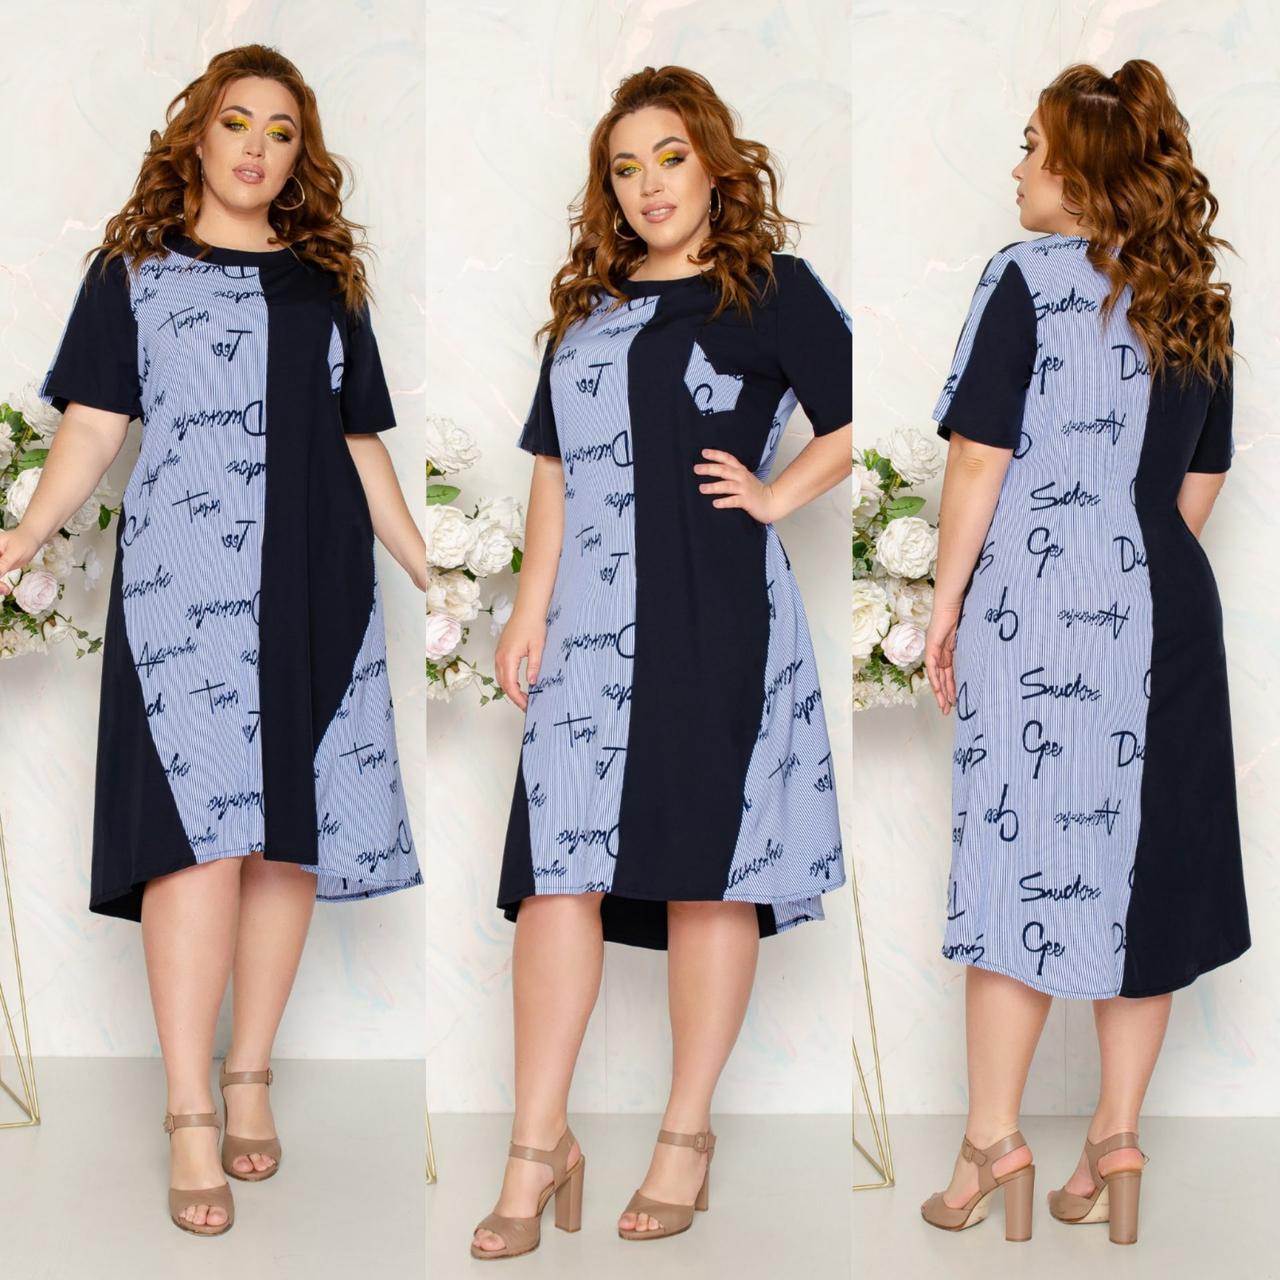 Платье летнее оригинального кроя из разных принтов ткани, полукруглый низ, р.52,54,56,58 118Й